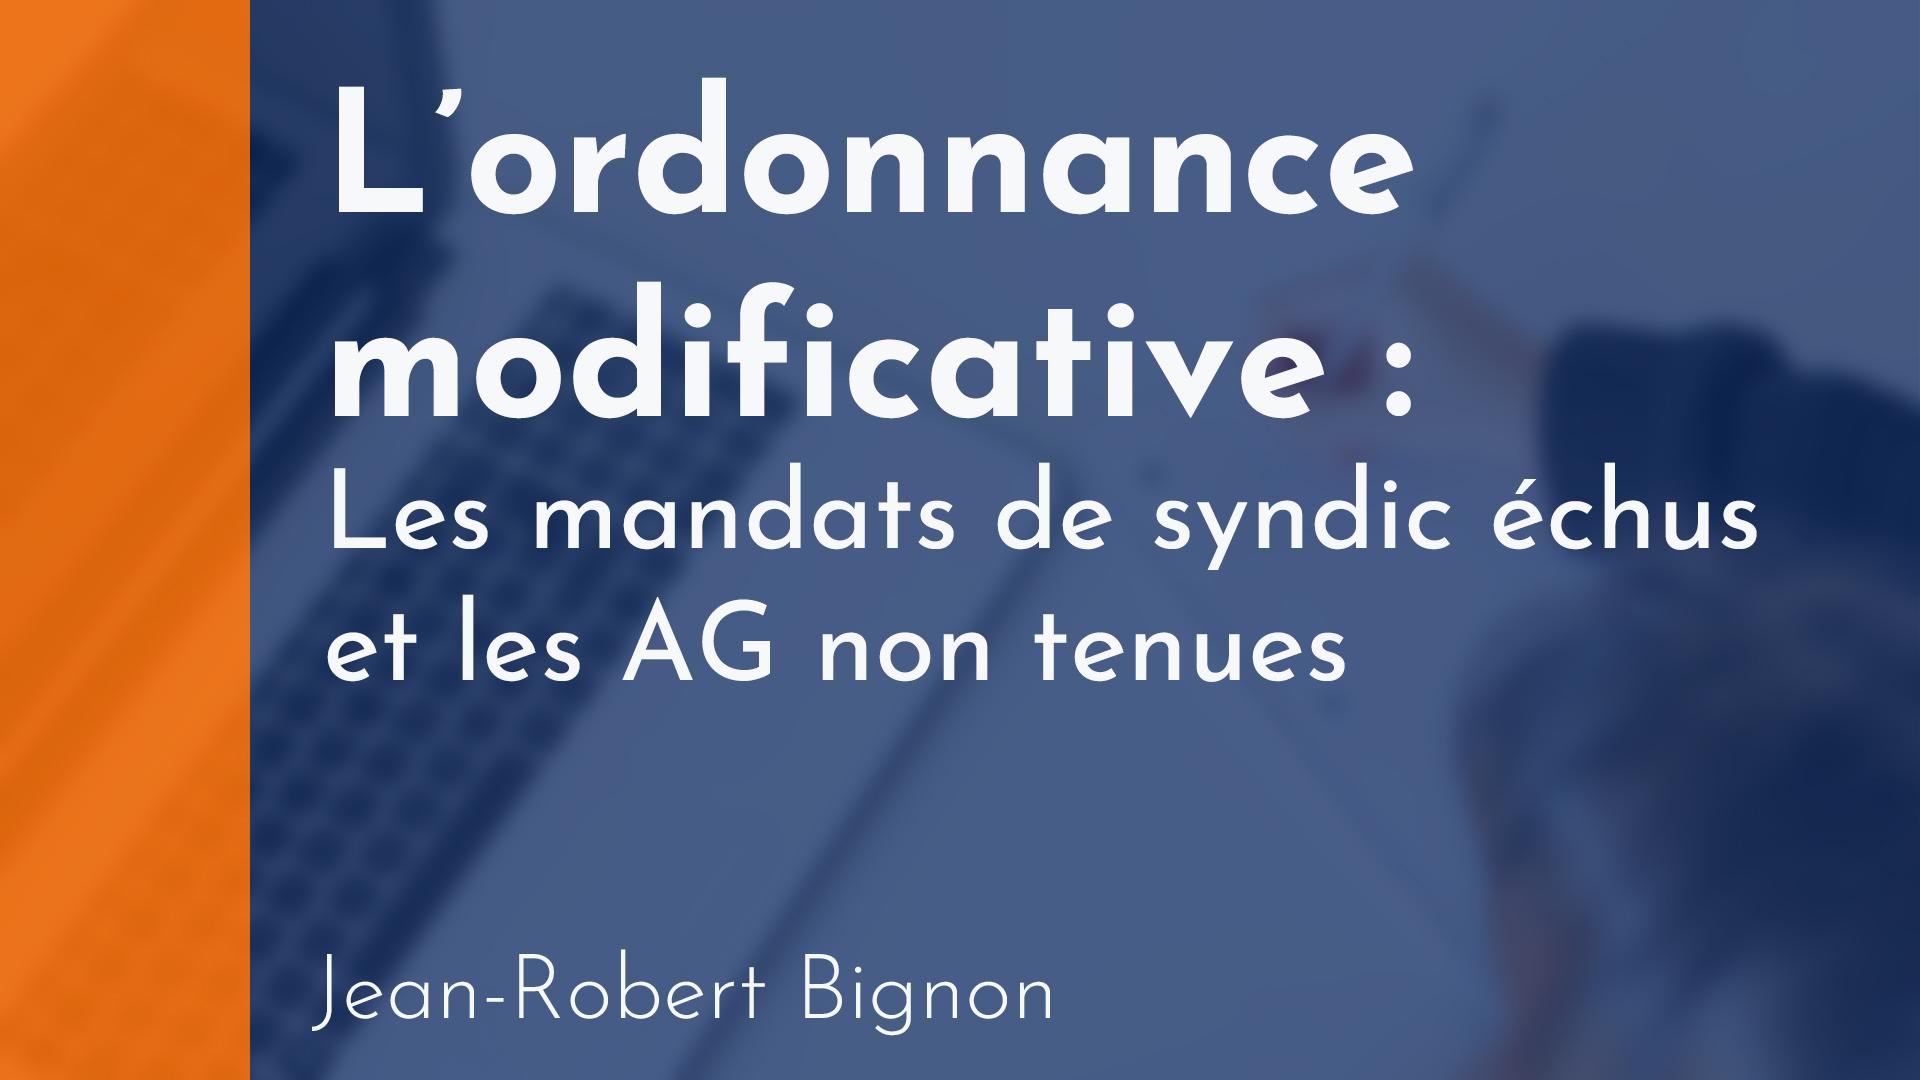 Copropriété - L'ordonnance modificative - Les mandats de syndic échus et les AG non tenues - Jean-Robert Bignon